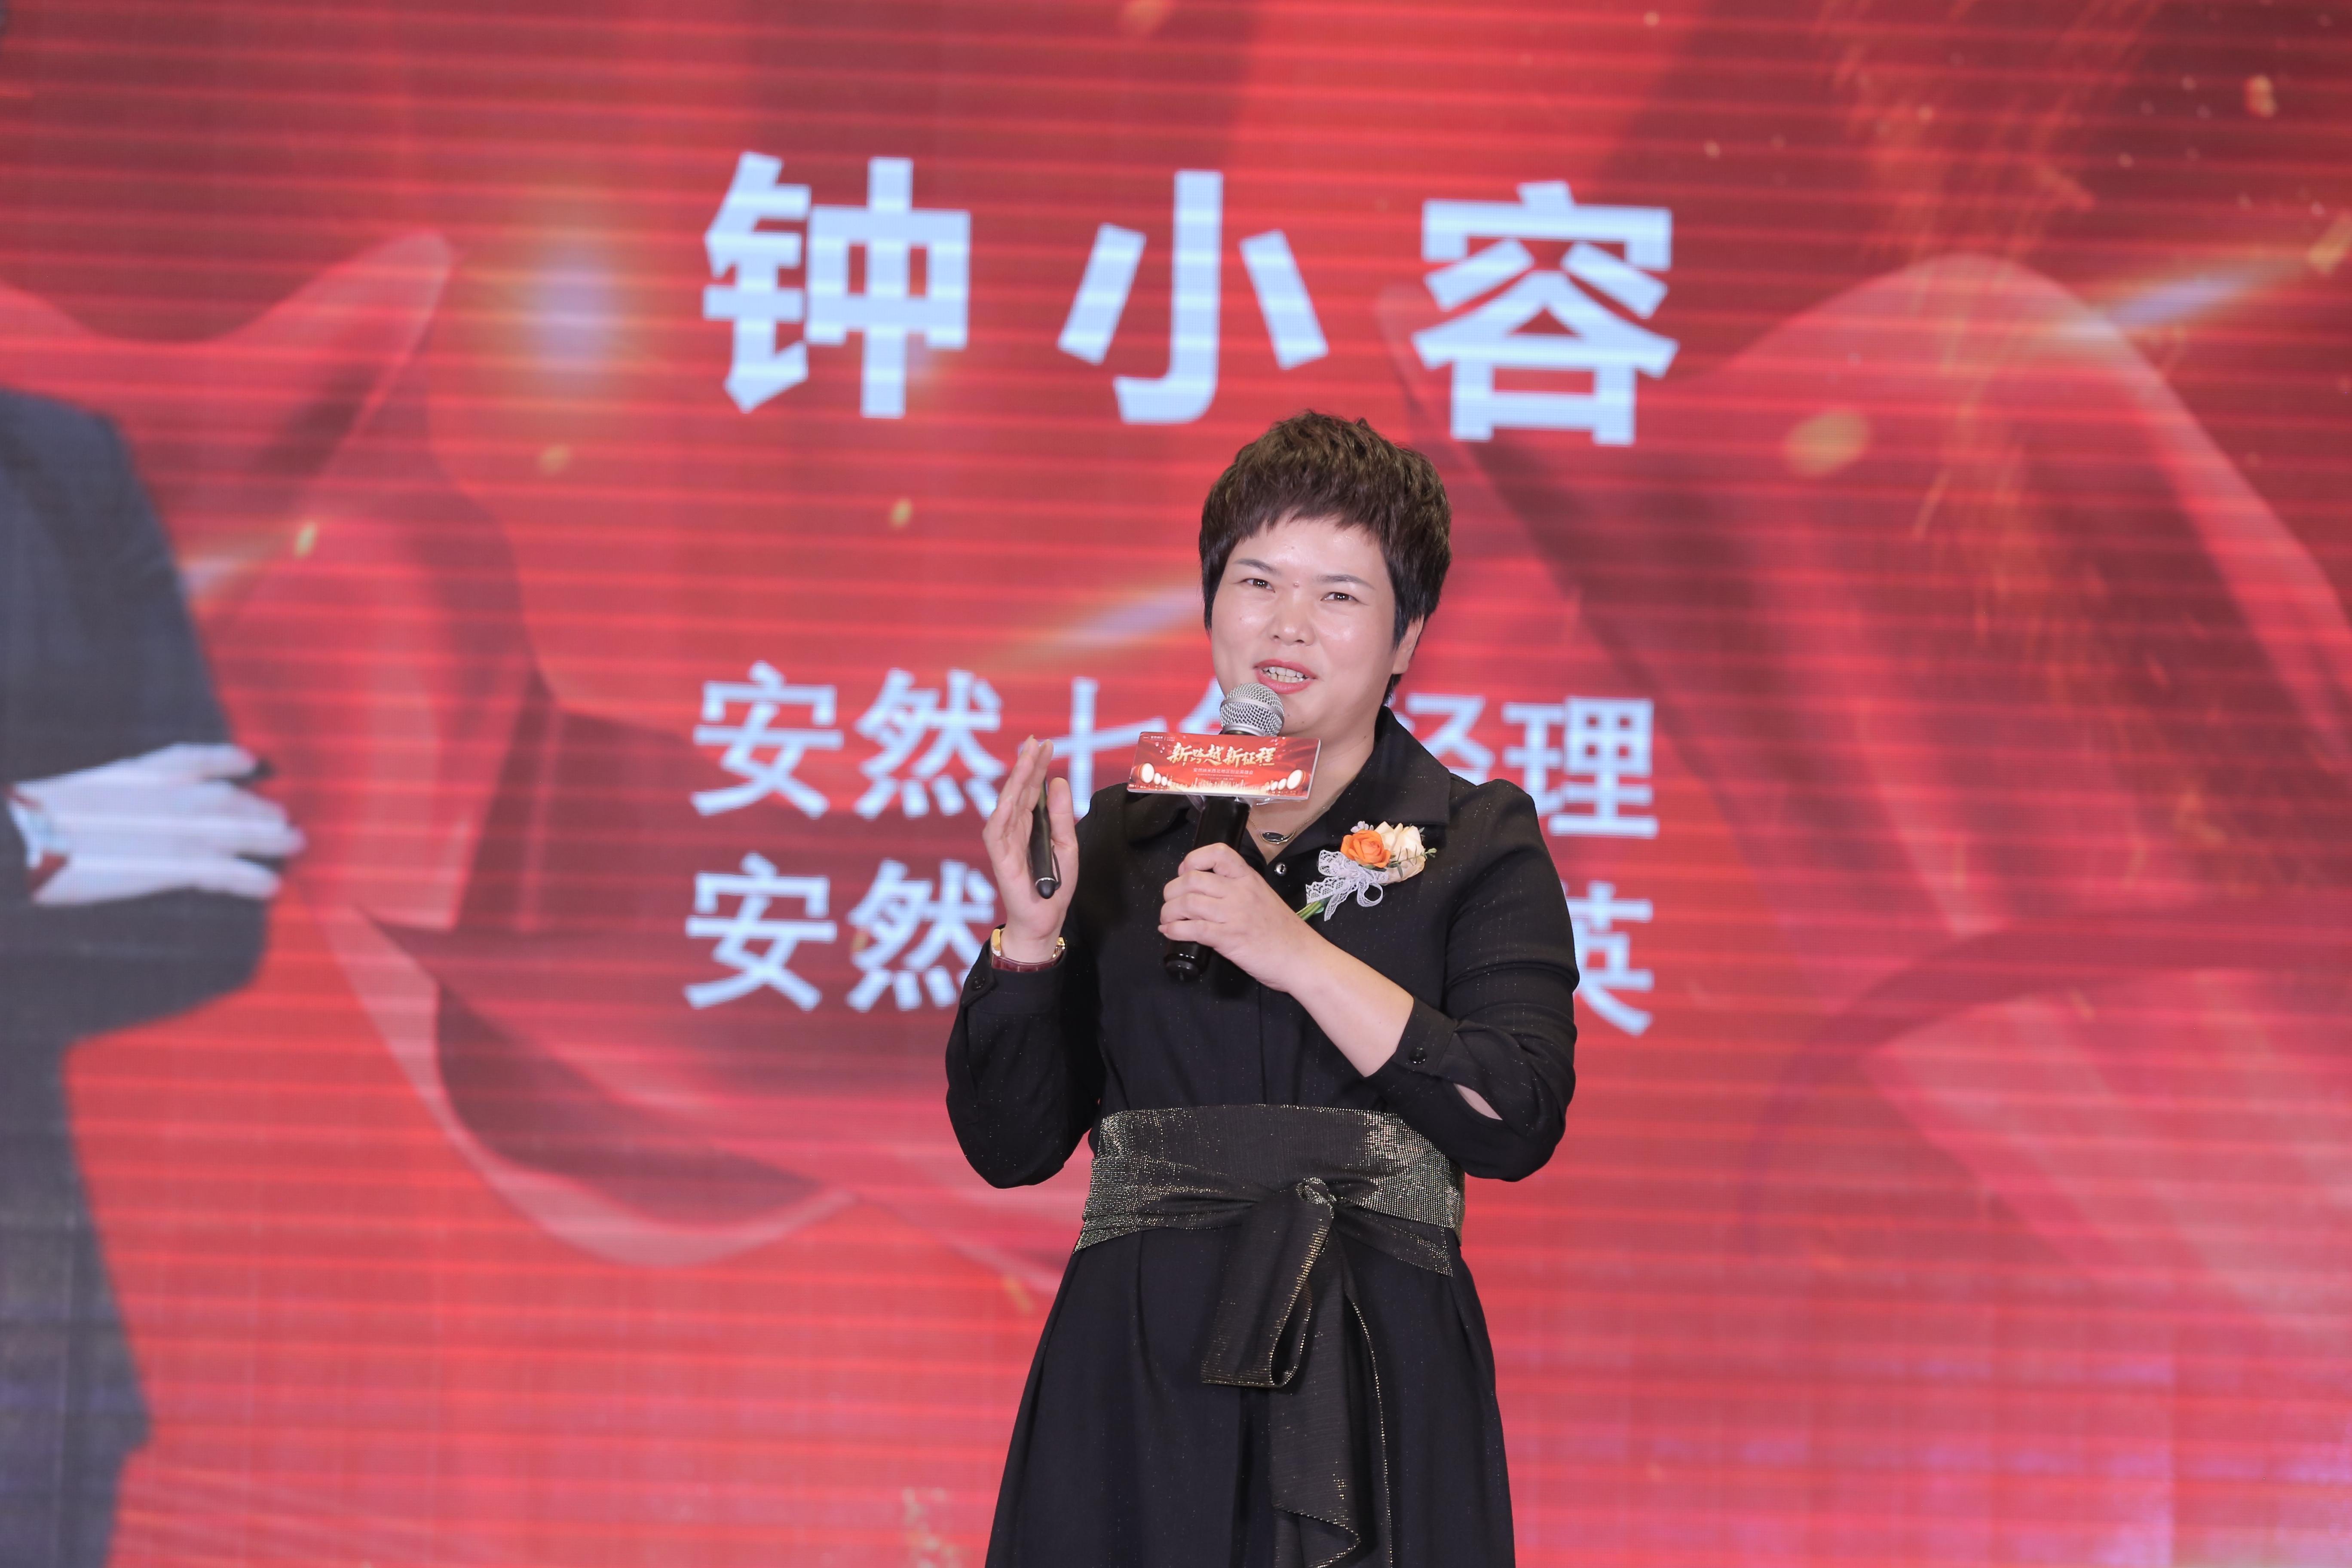 安然公司财富精英成员,七钻石经理钟小容女士分享.JPG